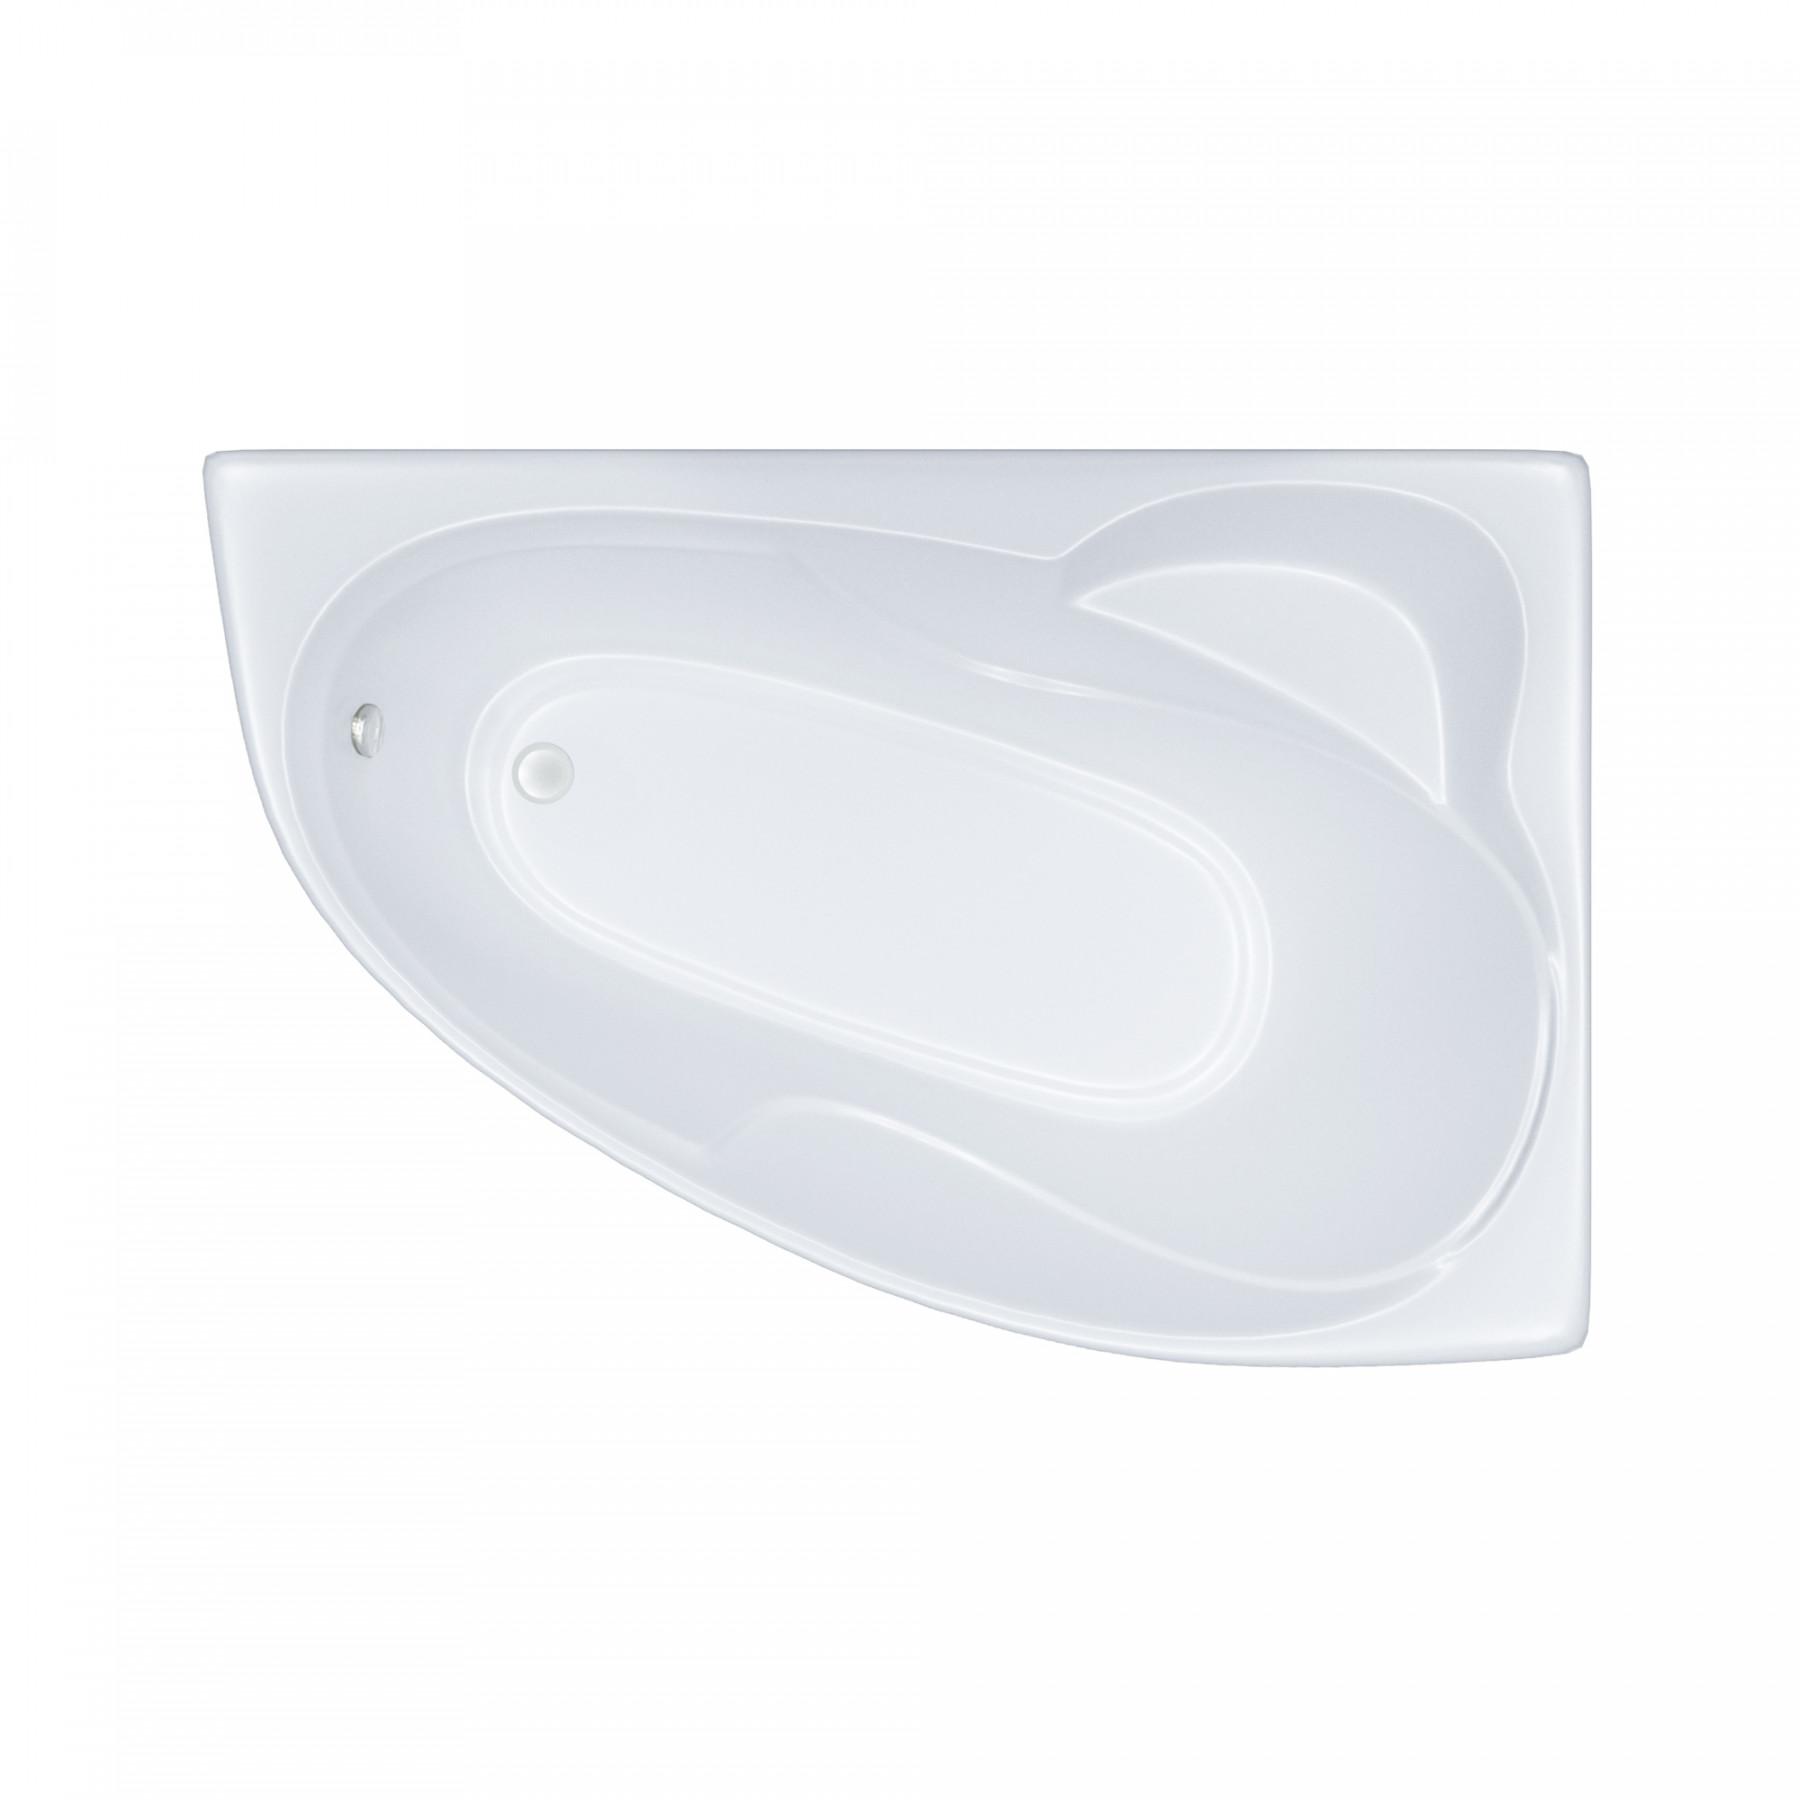 Акриловая ванна Triton Кайли 150x100 левая